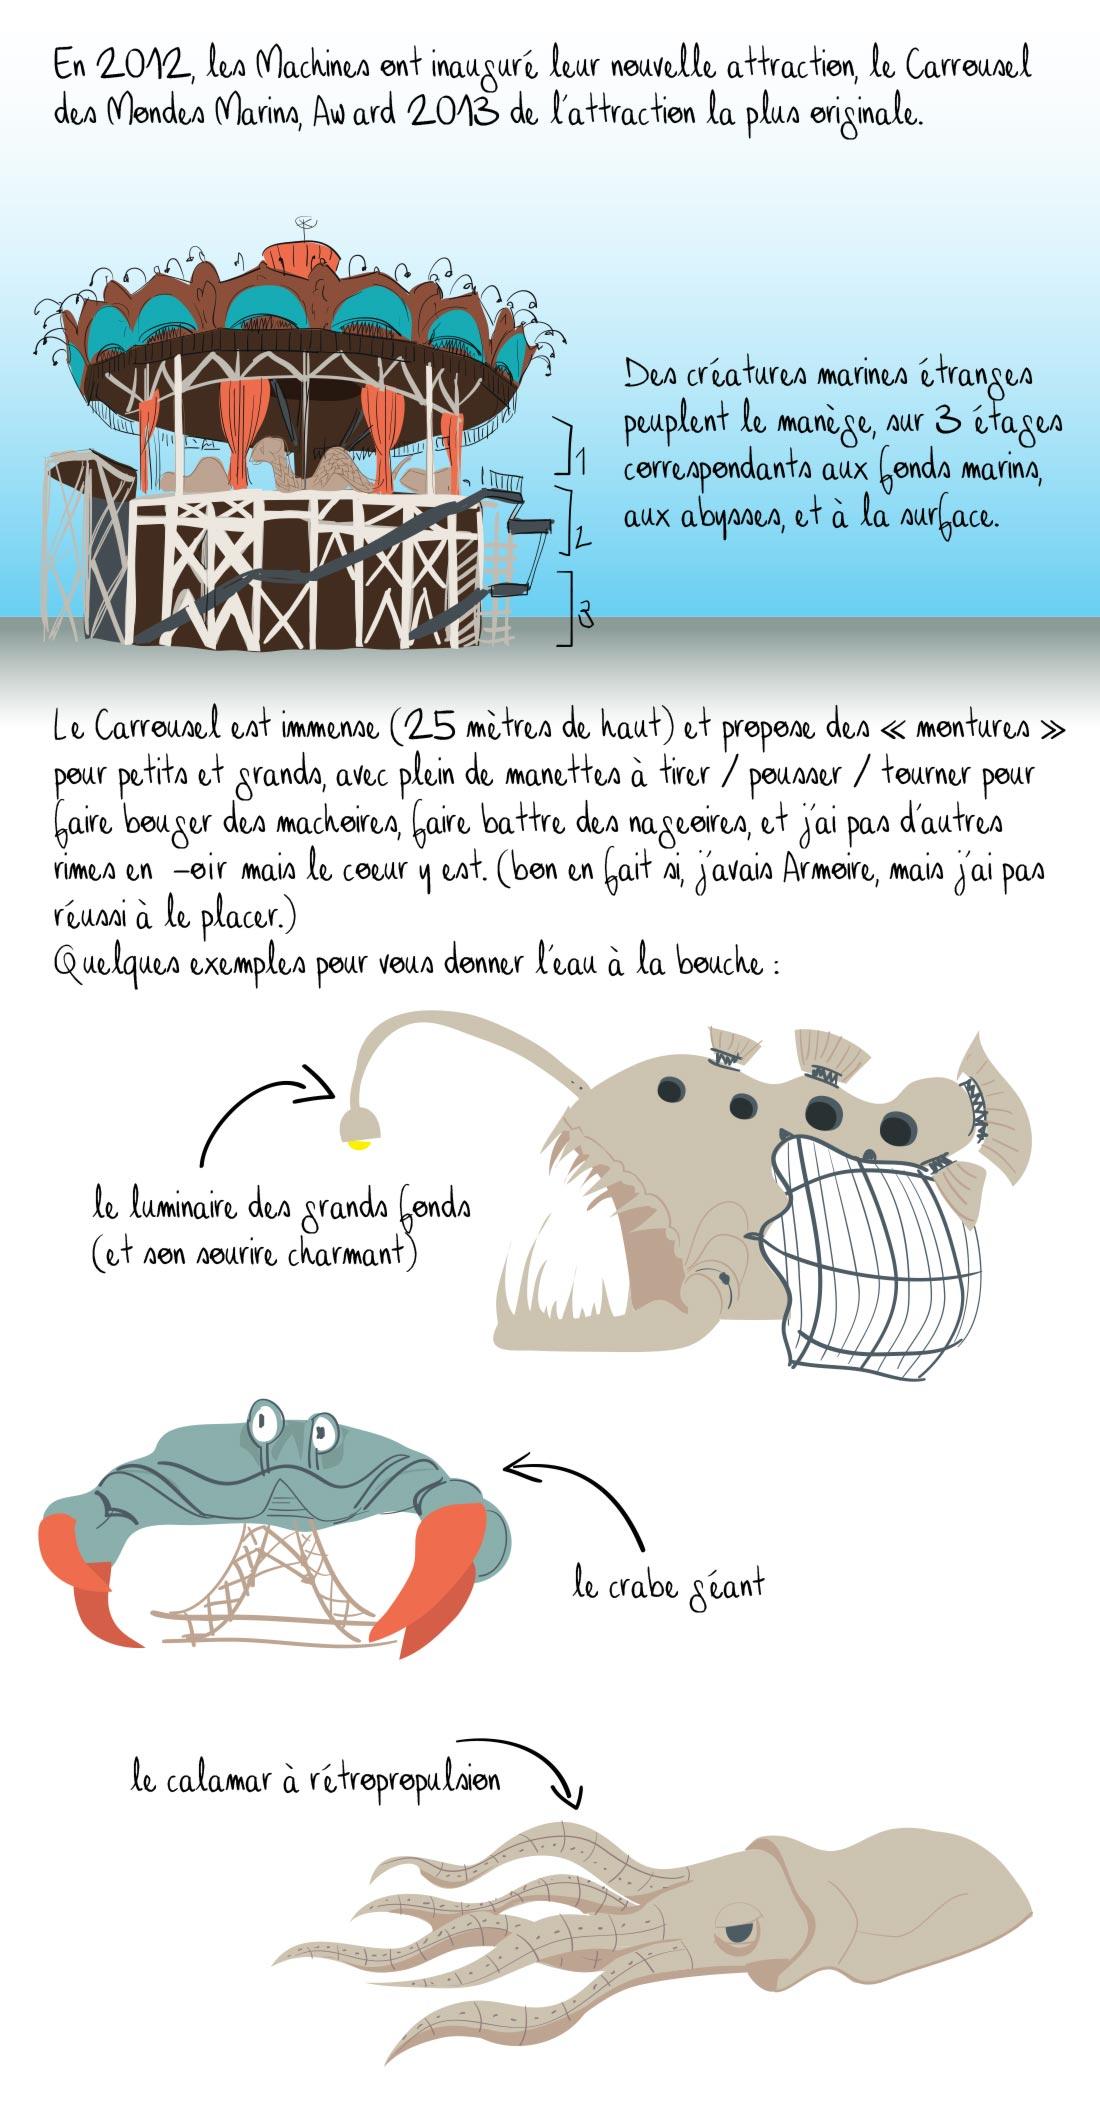 Histoire des Machines de l'Île de Nantes, partie 2